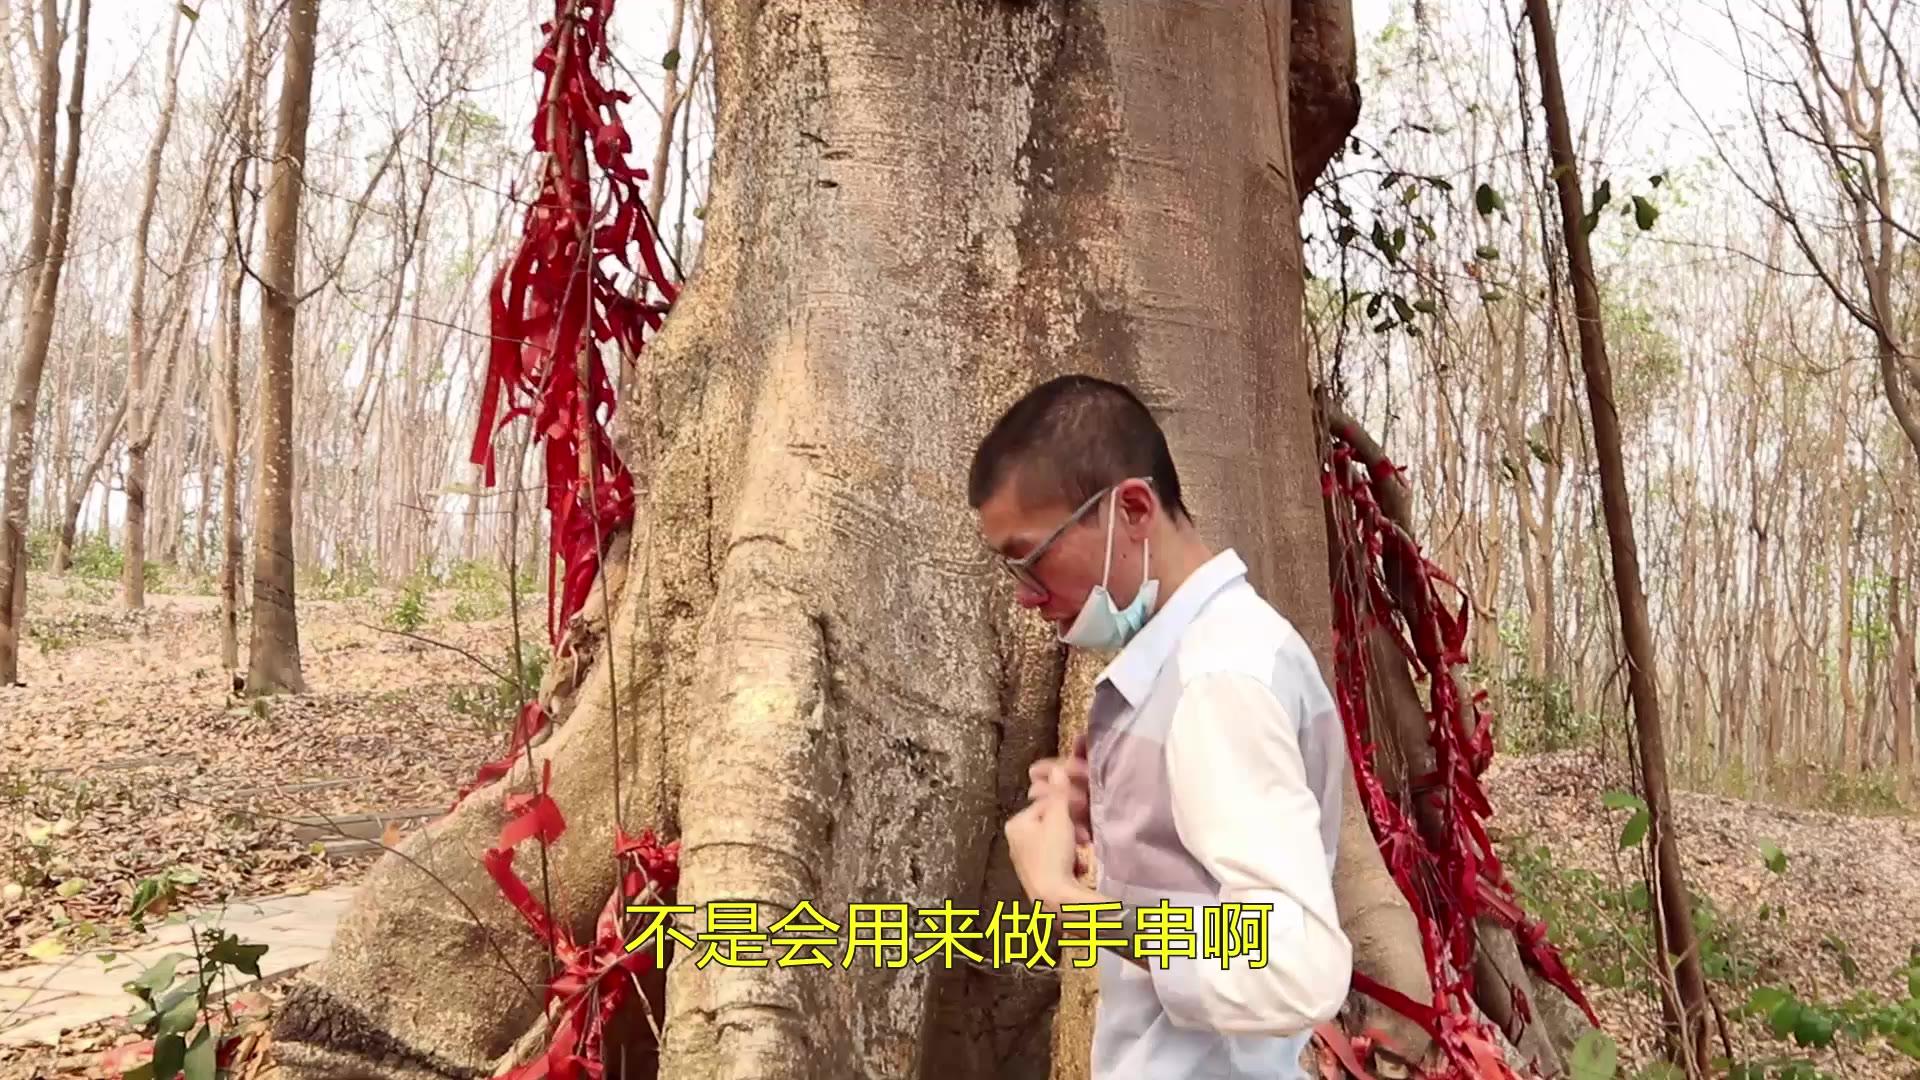 """传说2000多年前,佛祖在菩提树下修成正果,被称""""神圣之树"""""""